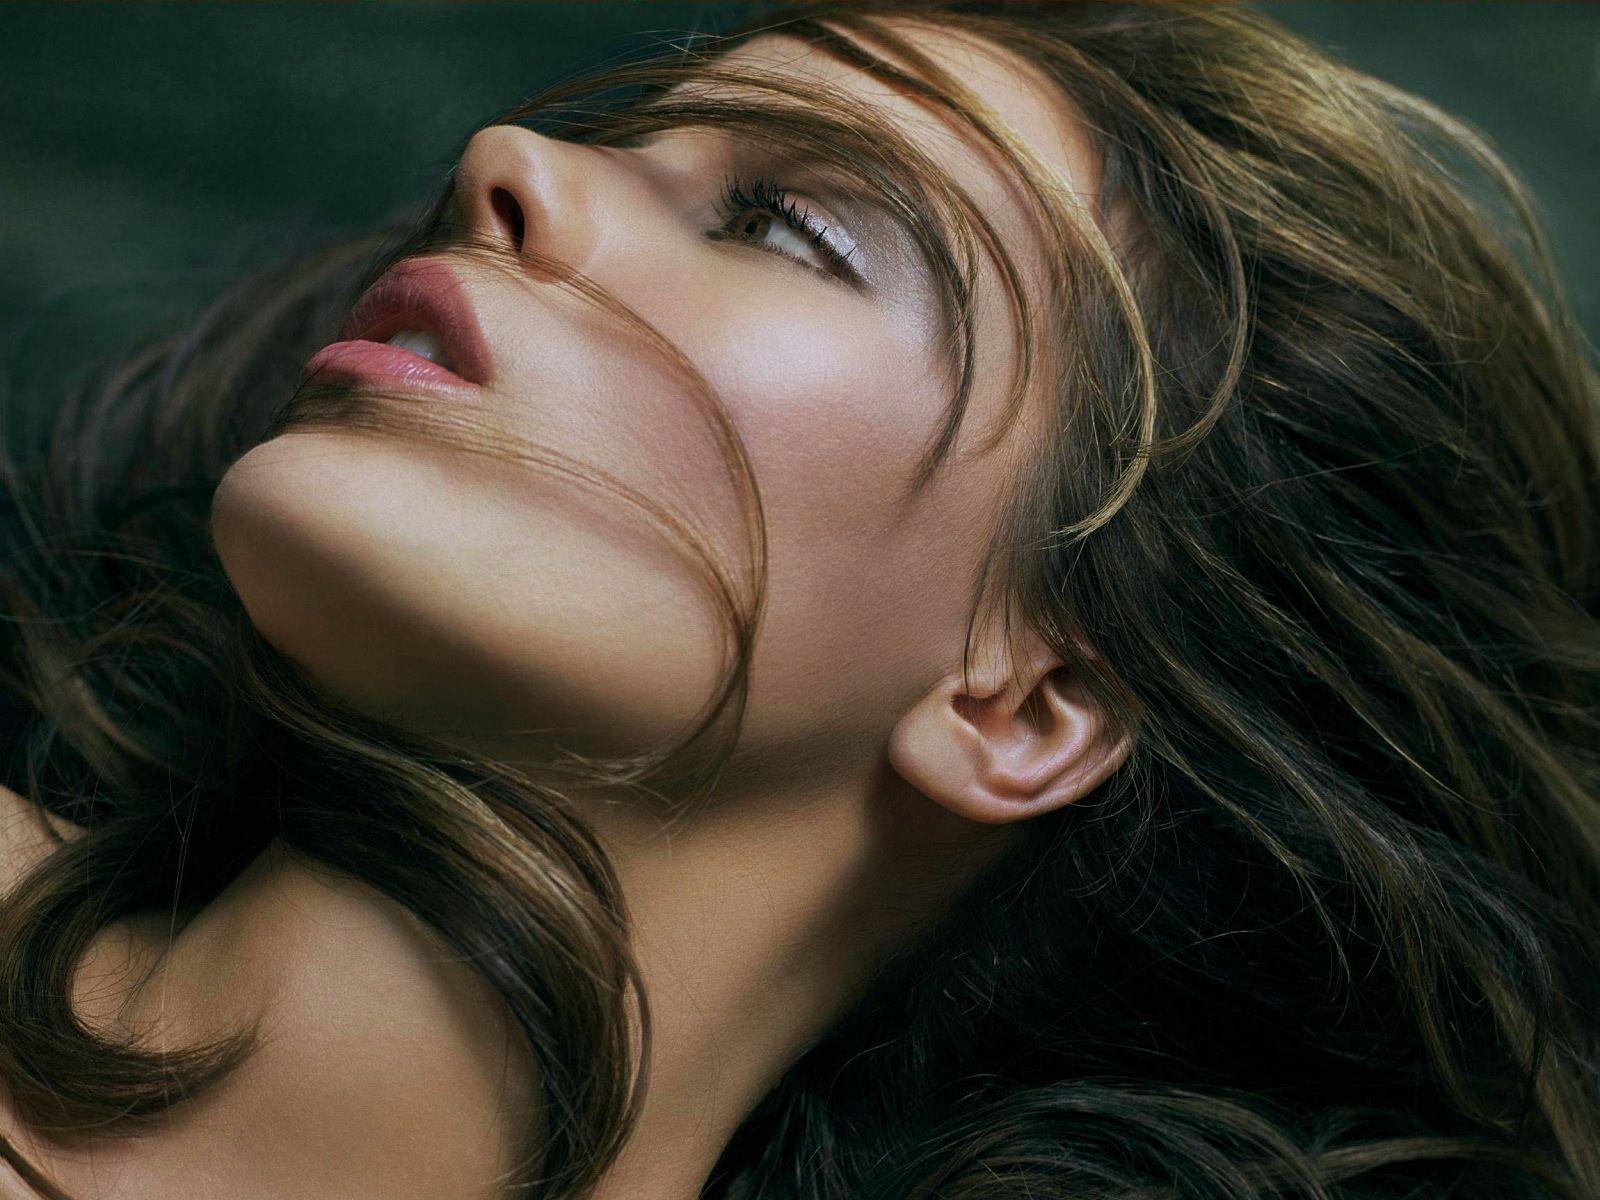 تصاویر چهره دختران زیبا رو - باران عشق > www.mahdiba.tk